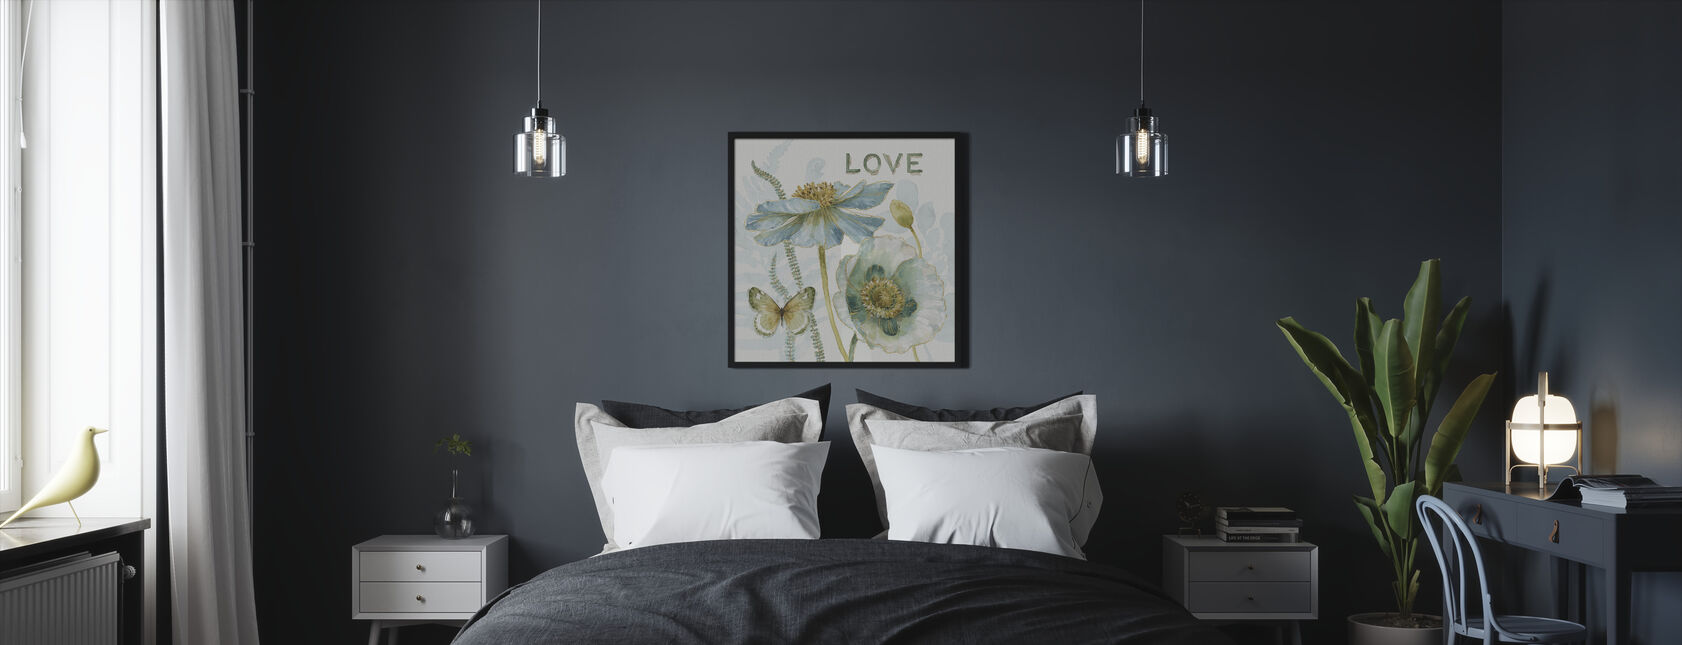 Mit drivhus Blomster - Kærlighed - Indrammet billede - Soveværelse